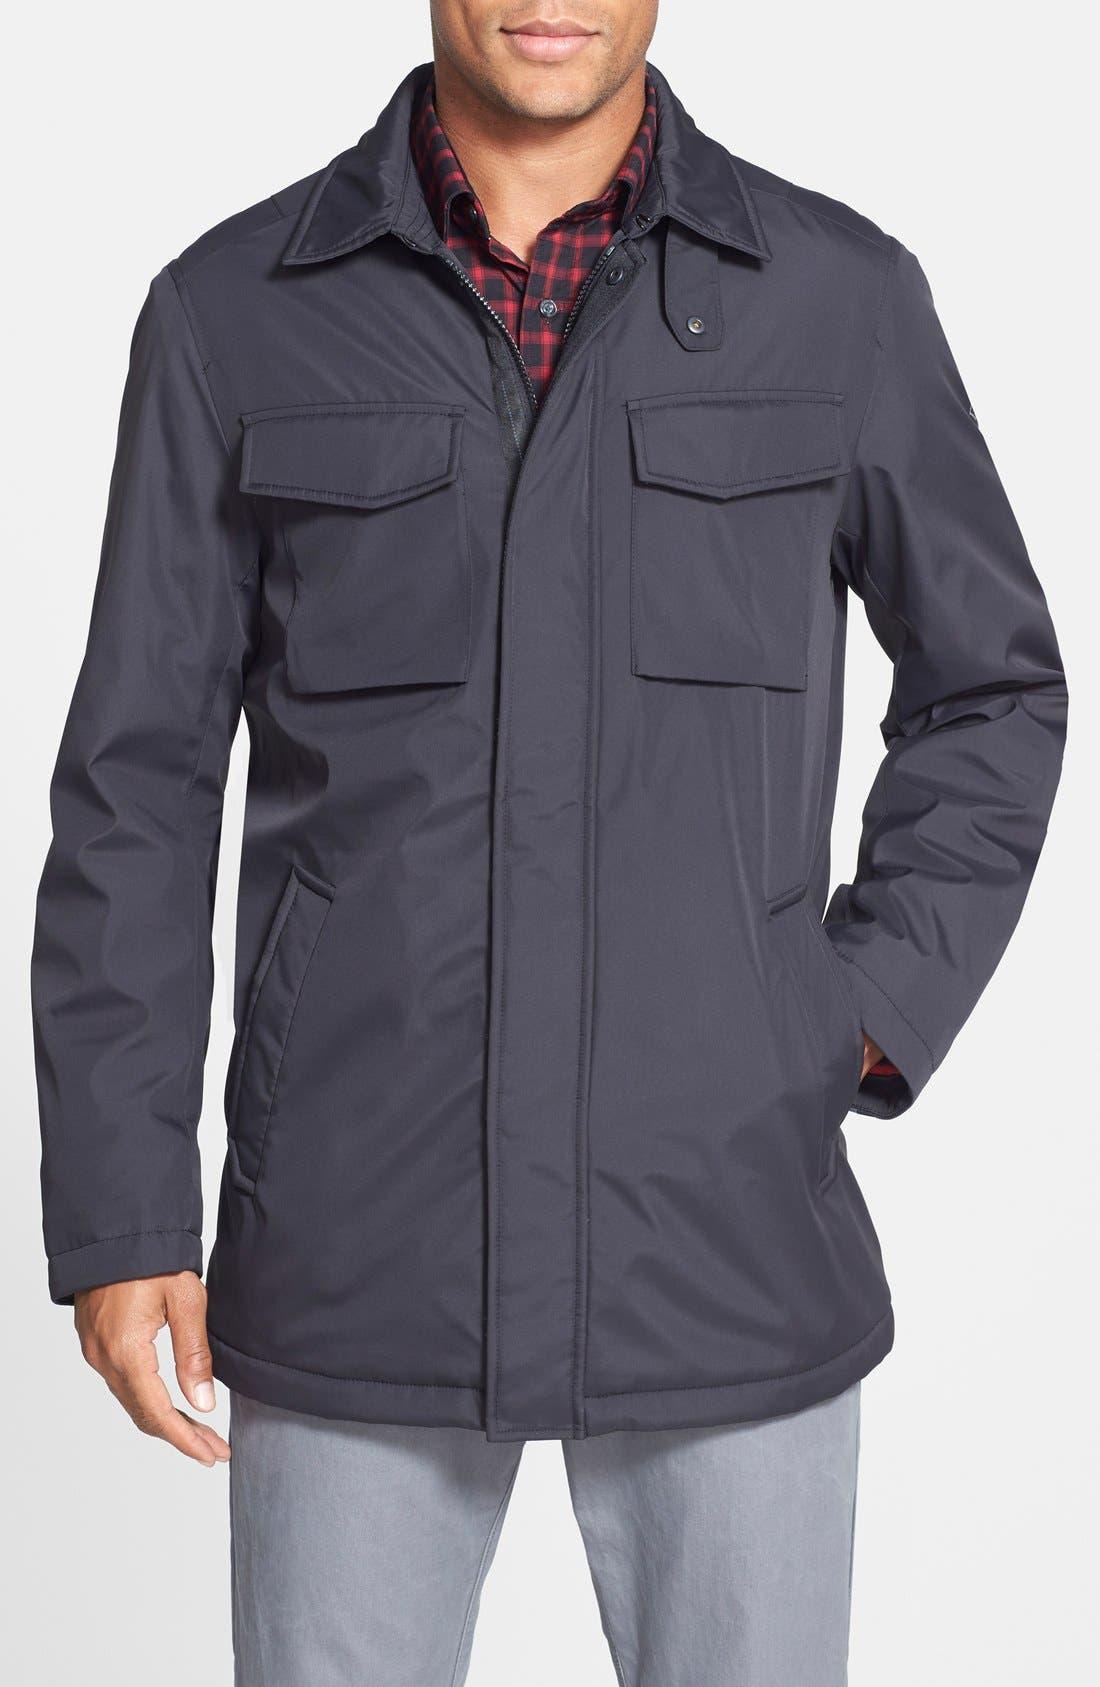 Alternate Image 1 Selected - Victorinox Swiss Army® 'Horben' Water Repellent Fleece Lined Jacket